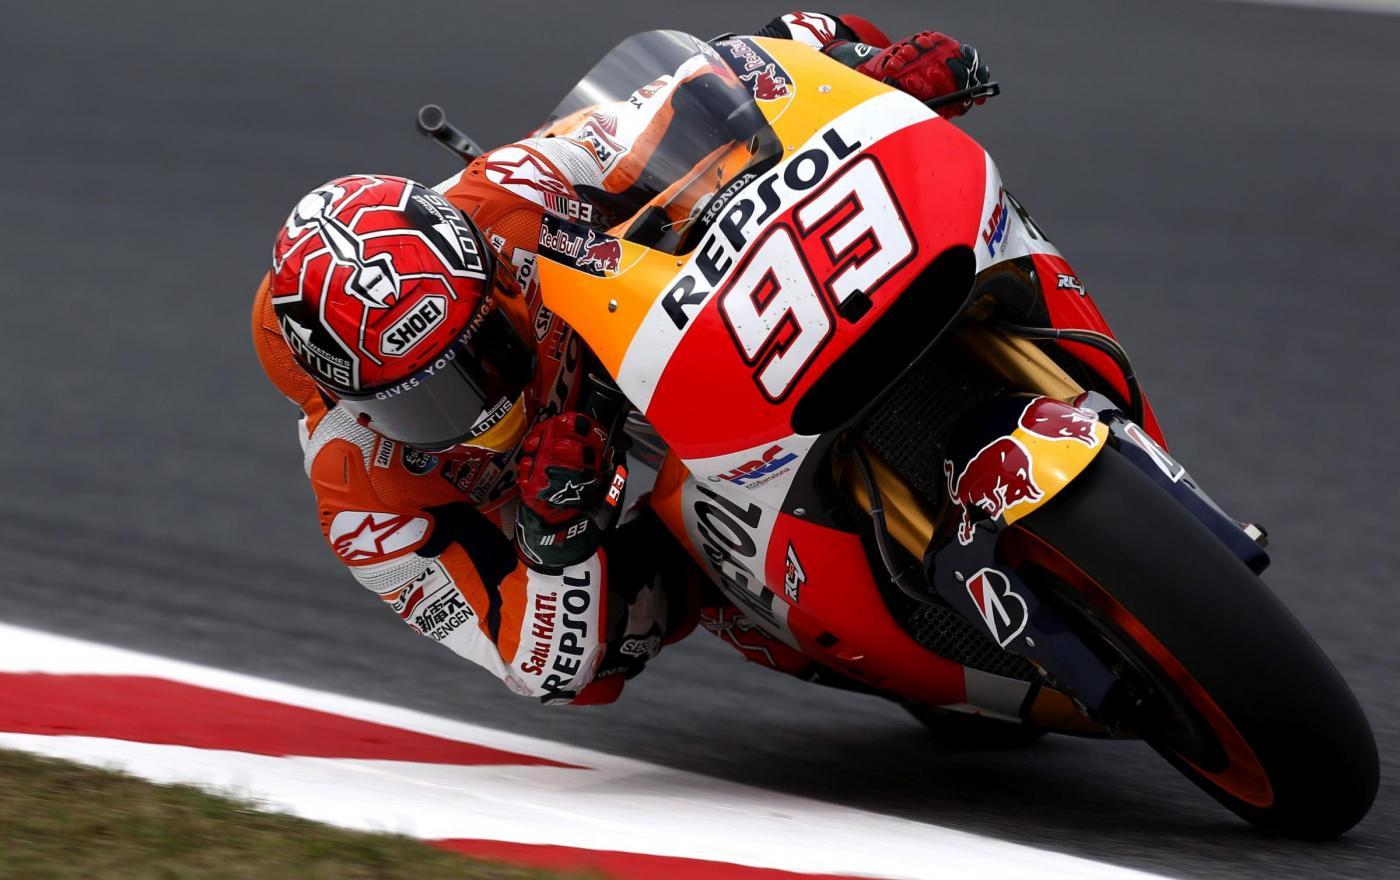 Marc Marquez, Moto GP